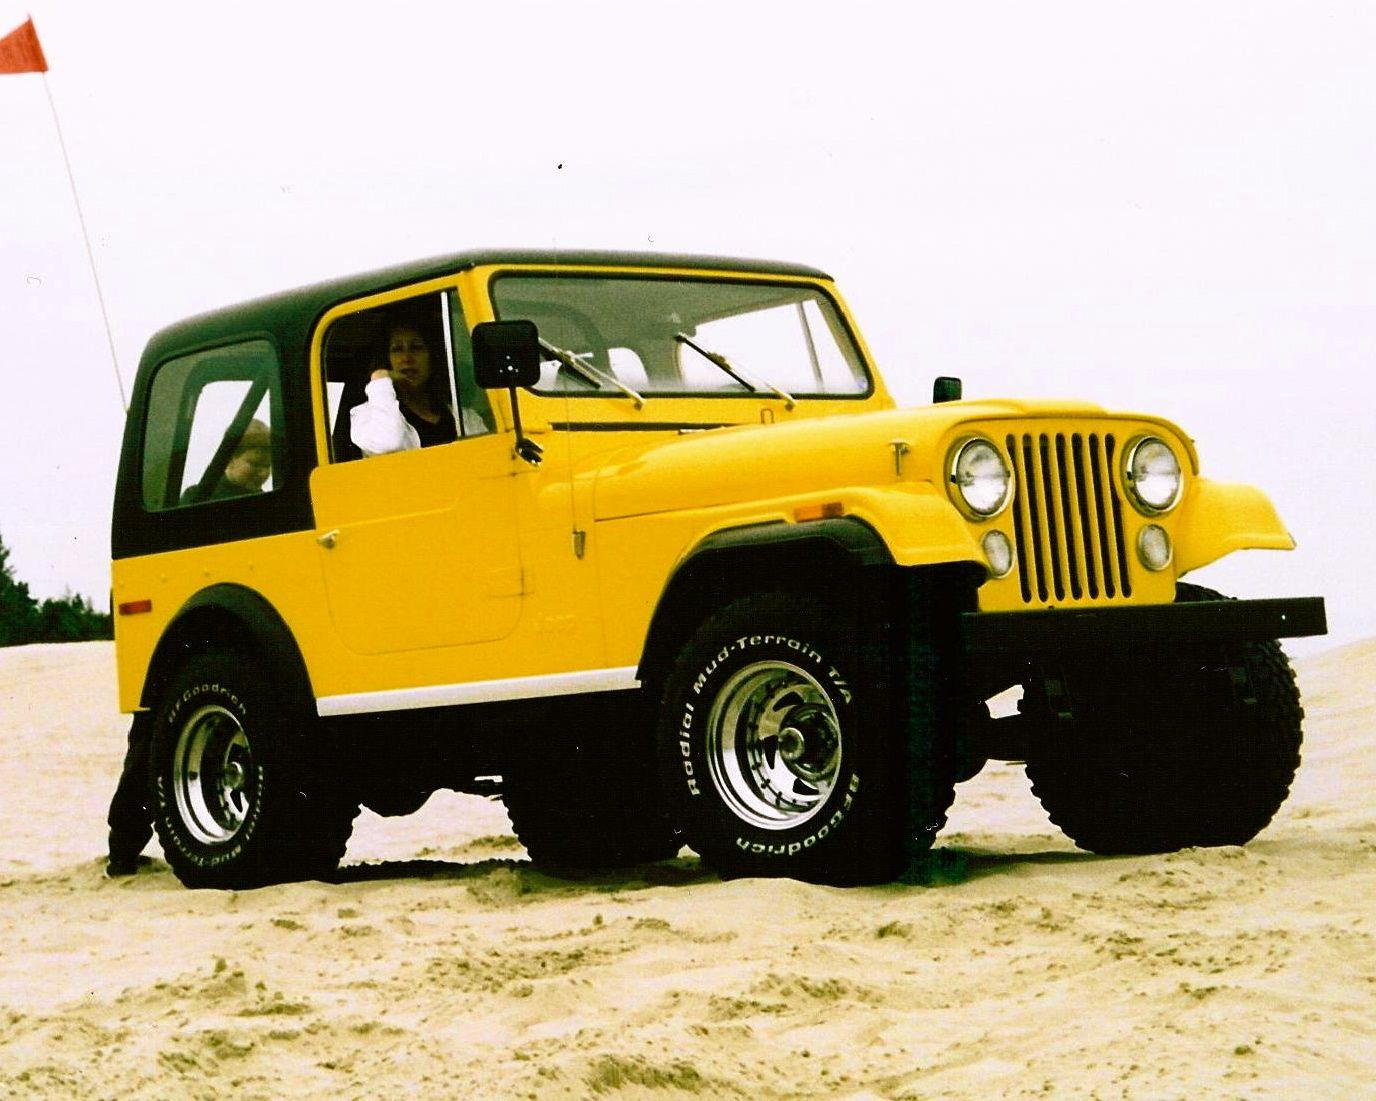 1976 Jeep Cj7 V8 Jeep Cj7 Old Jeep